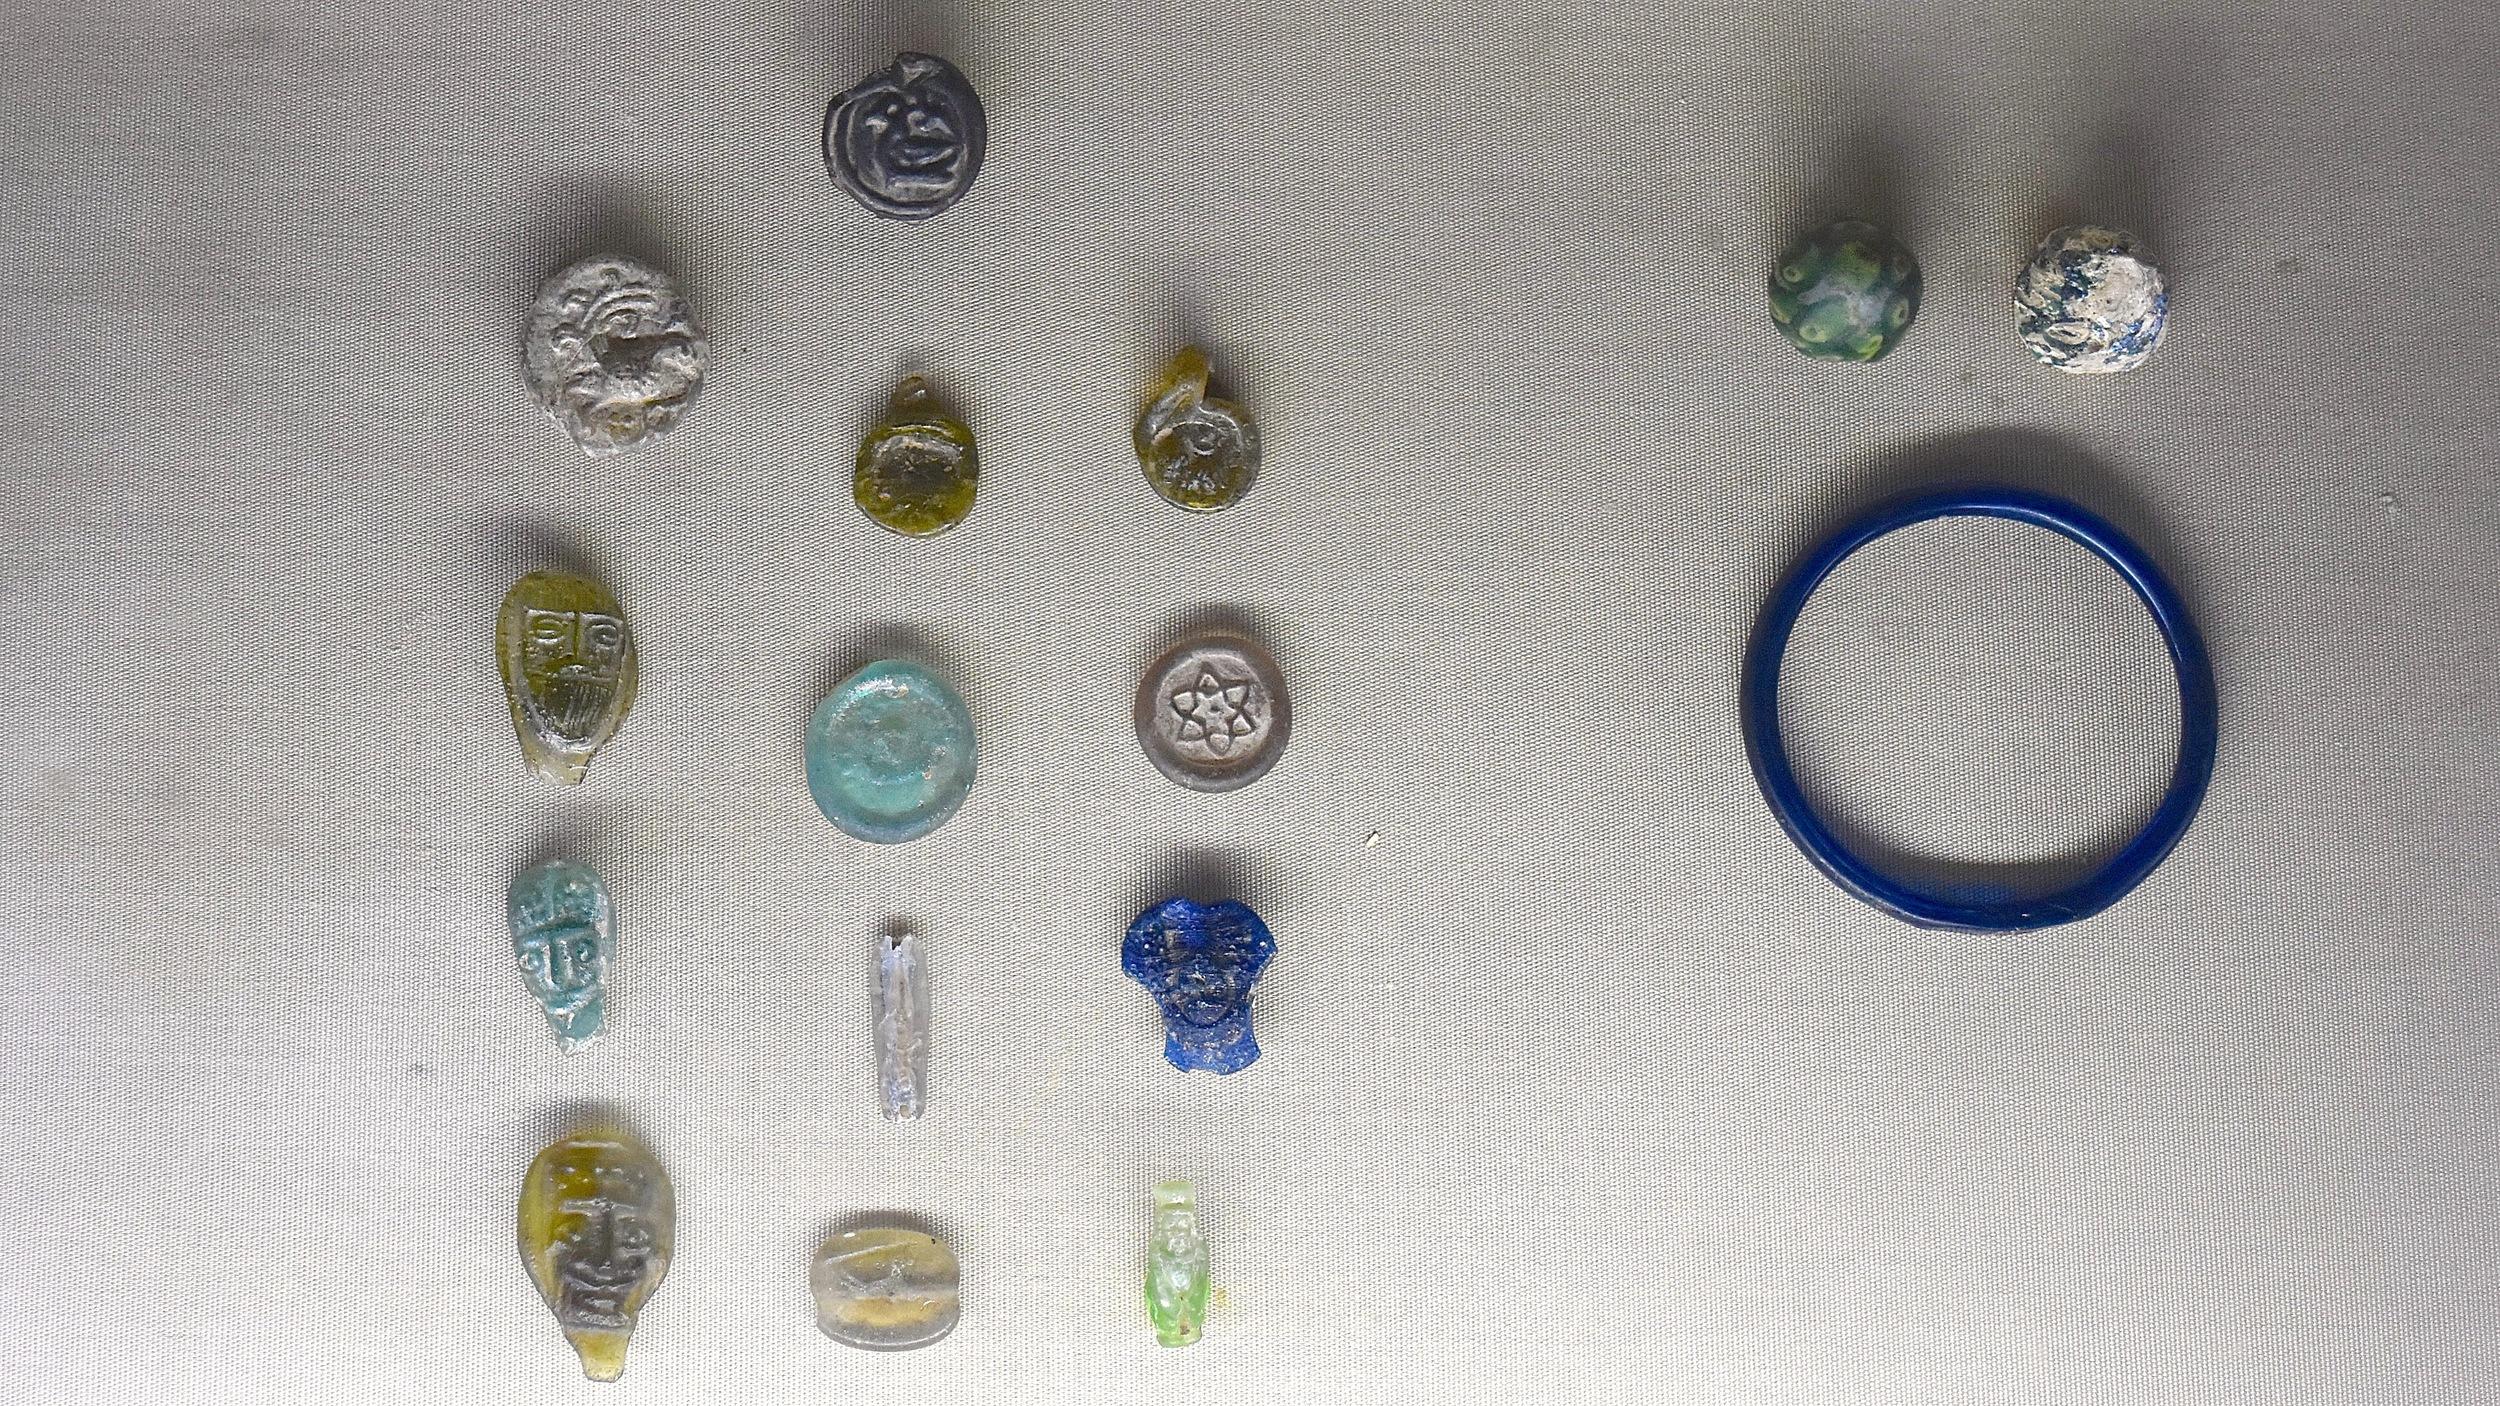 Iran-Tehran-Glass-Ceramics-Museum-jewellery.jpg